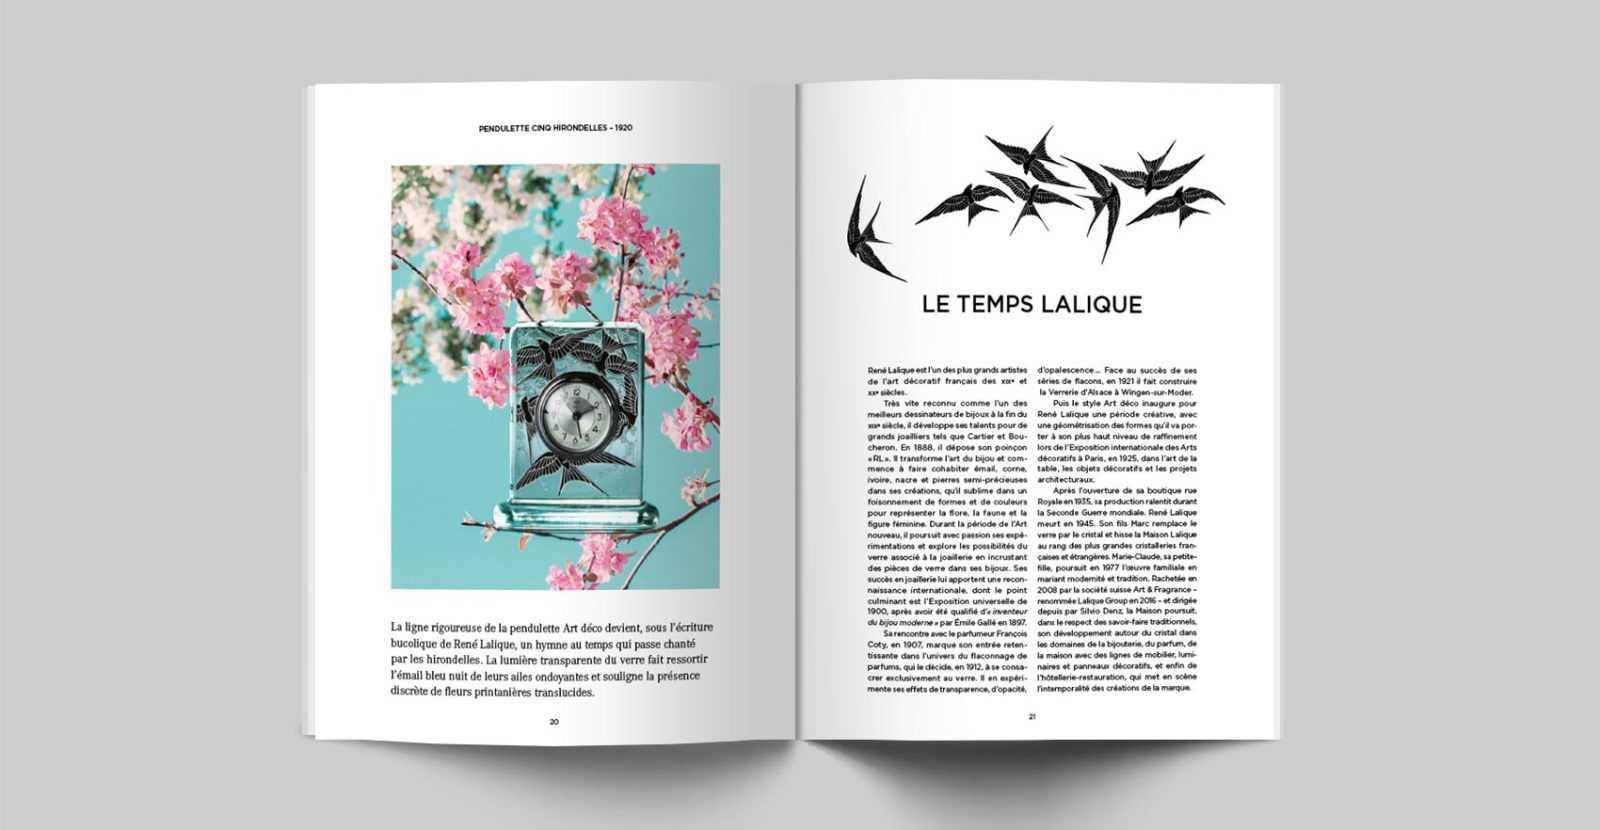 LALIQUE, client référence de l'agence de communication parisienne L'HIRONDELLEA